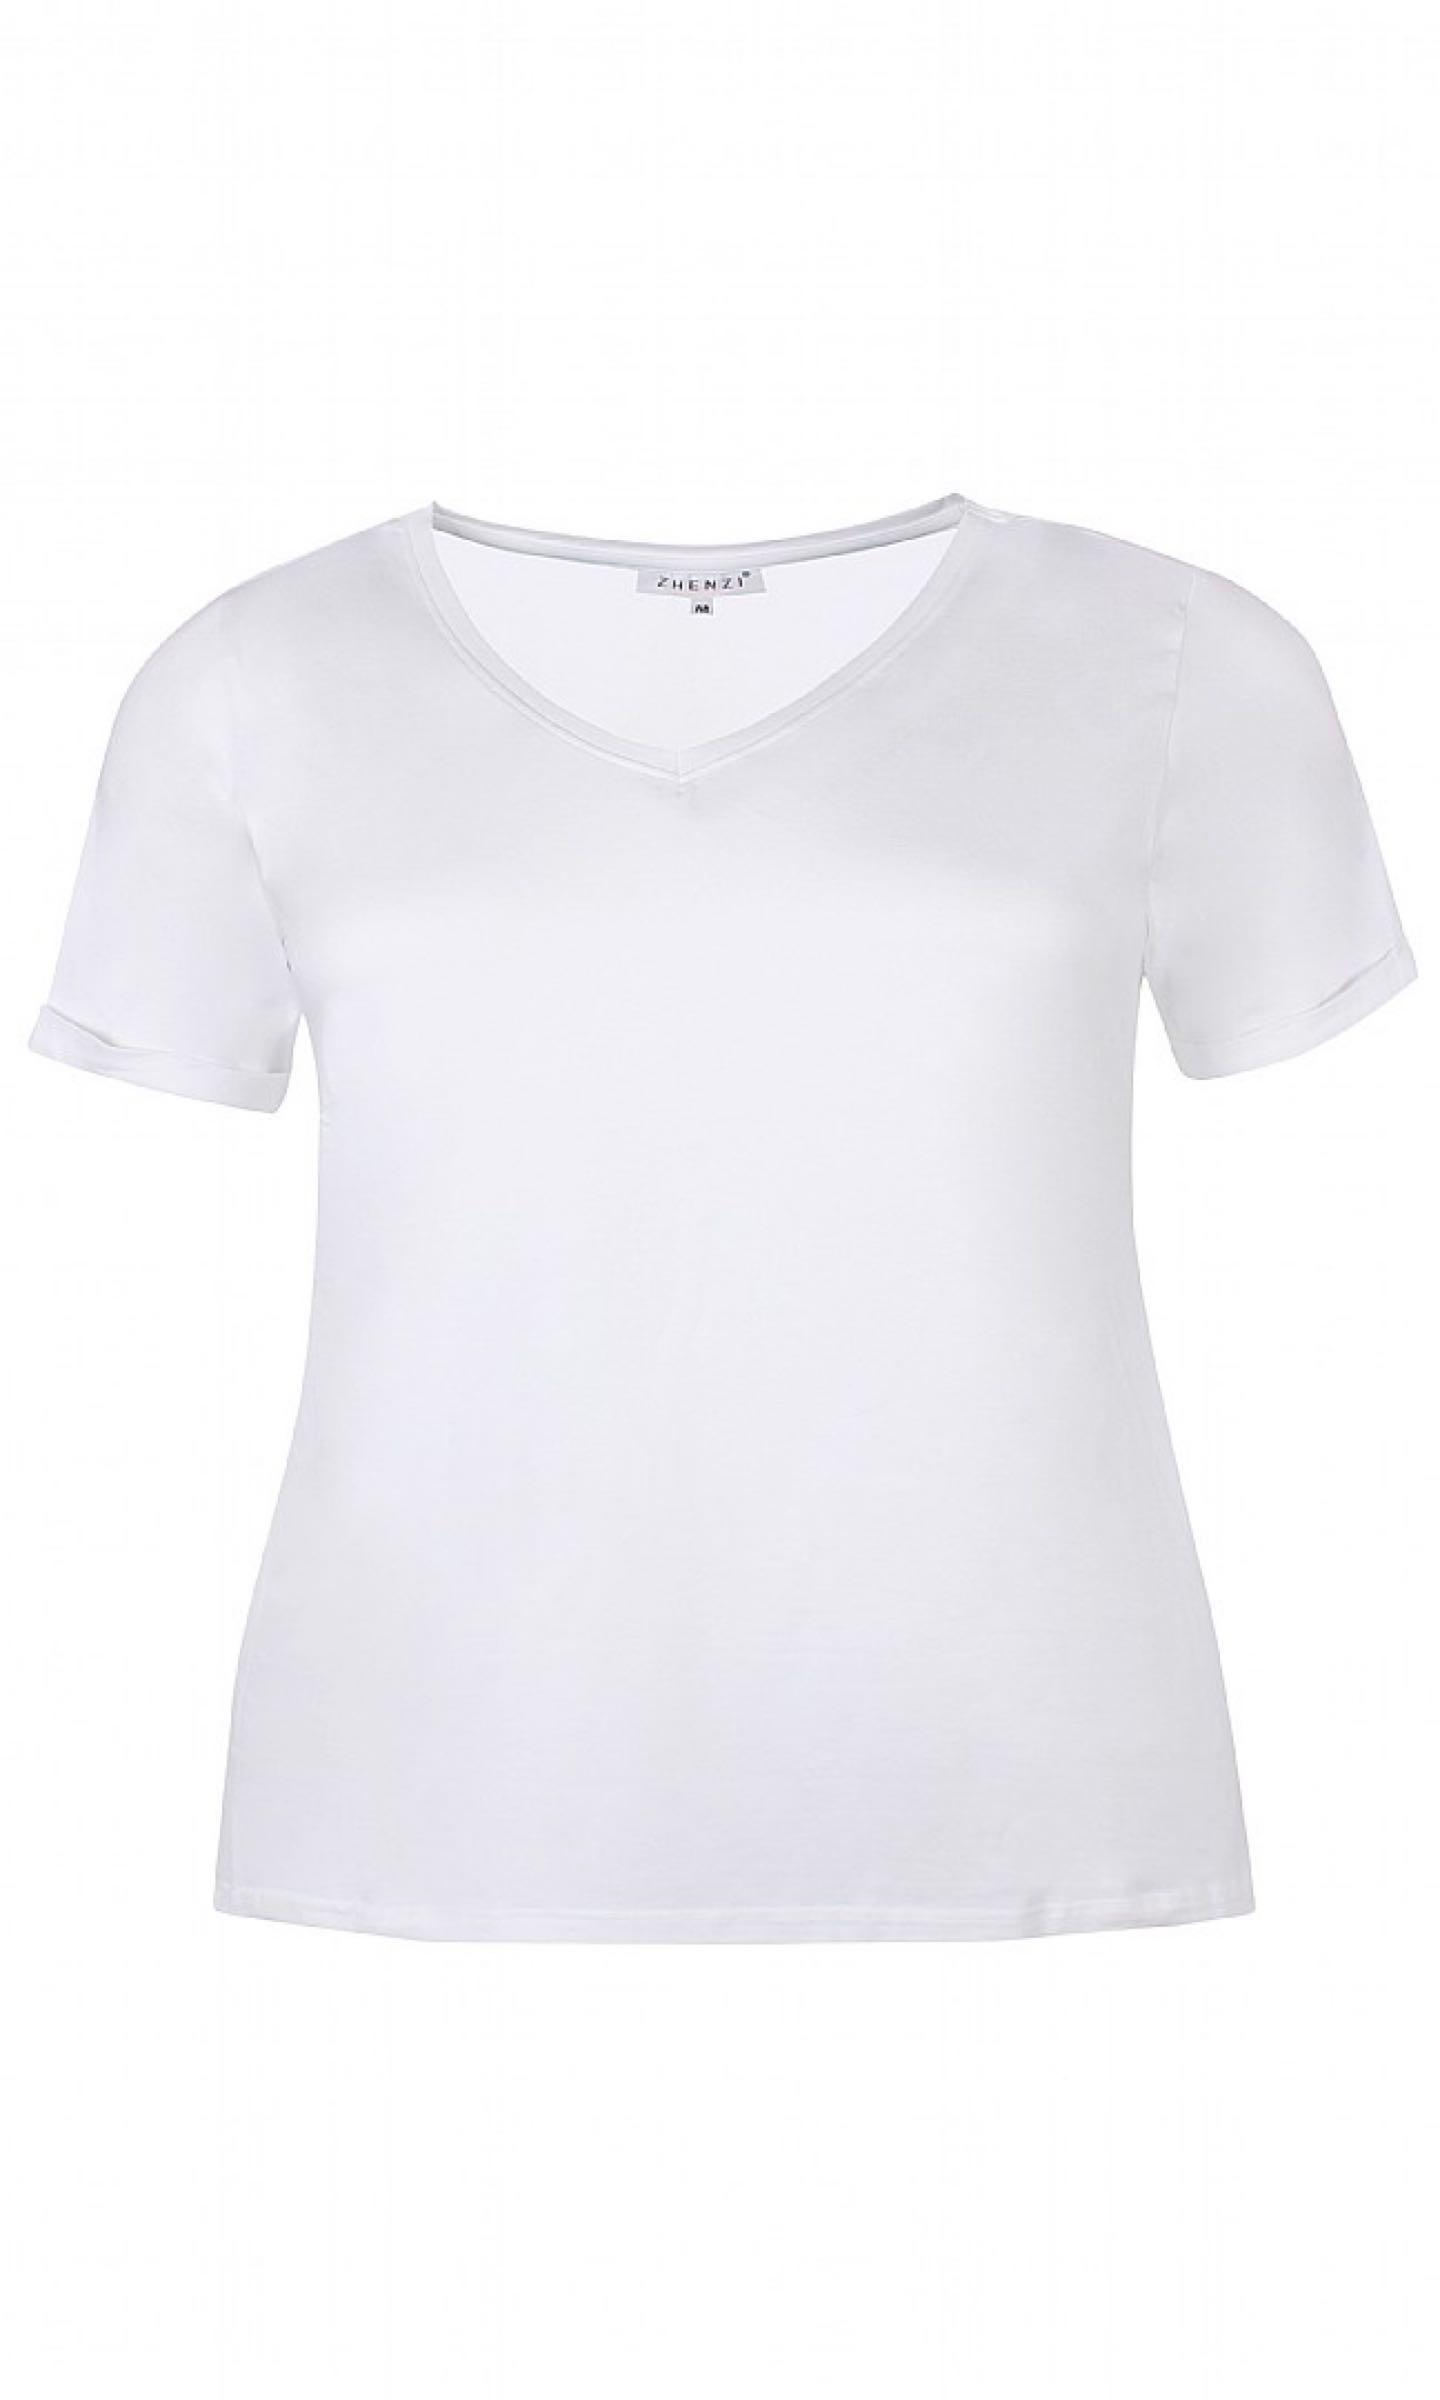 EDDA t-shirt, vit